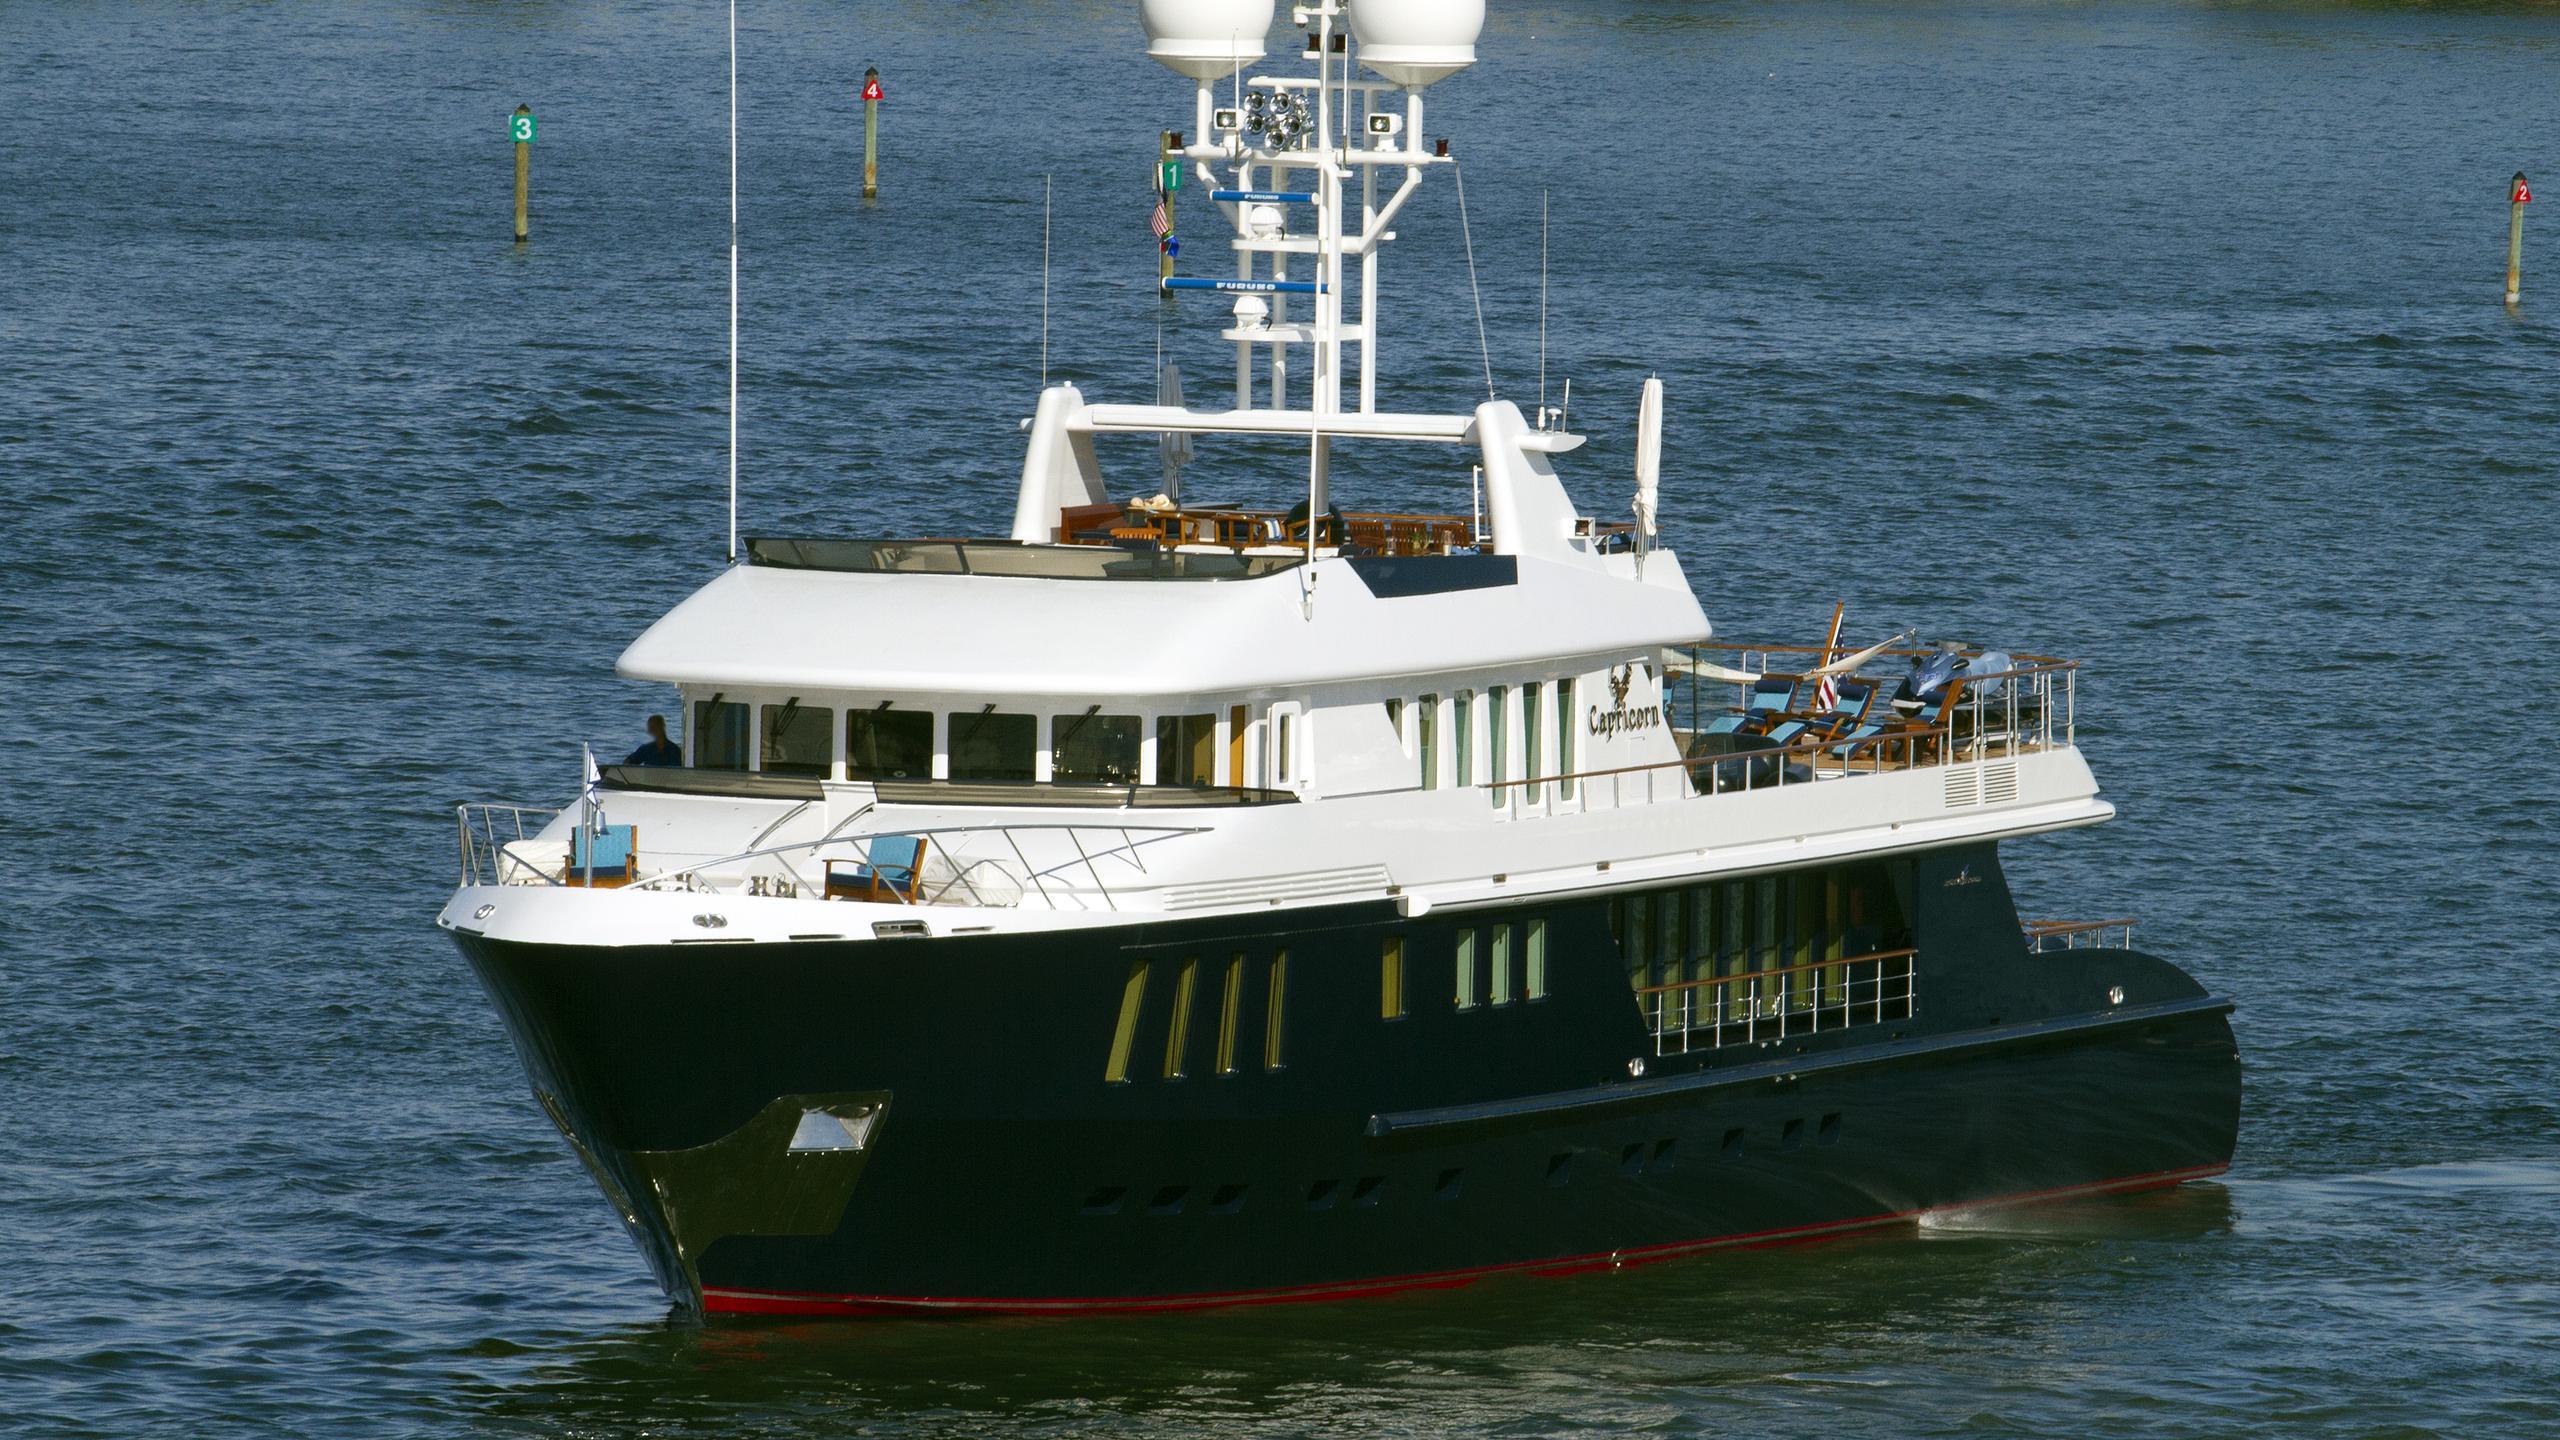 ice-5-capricorn-motor-yacht-turquoise-yachts-2003-43m-cruising